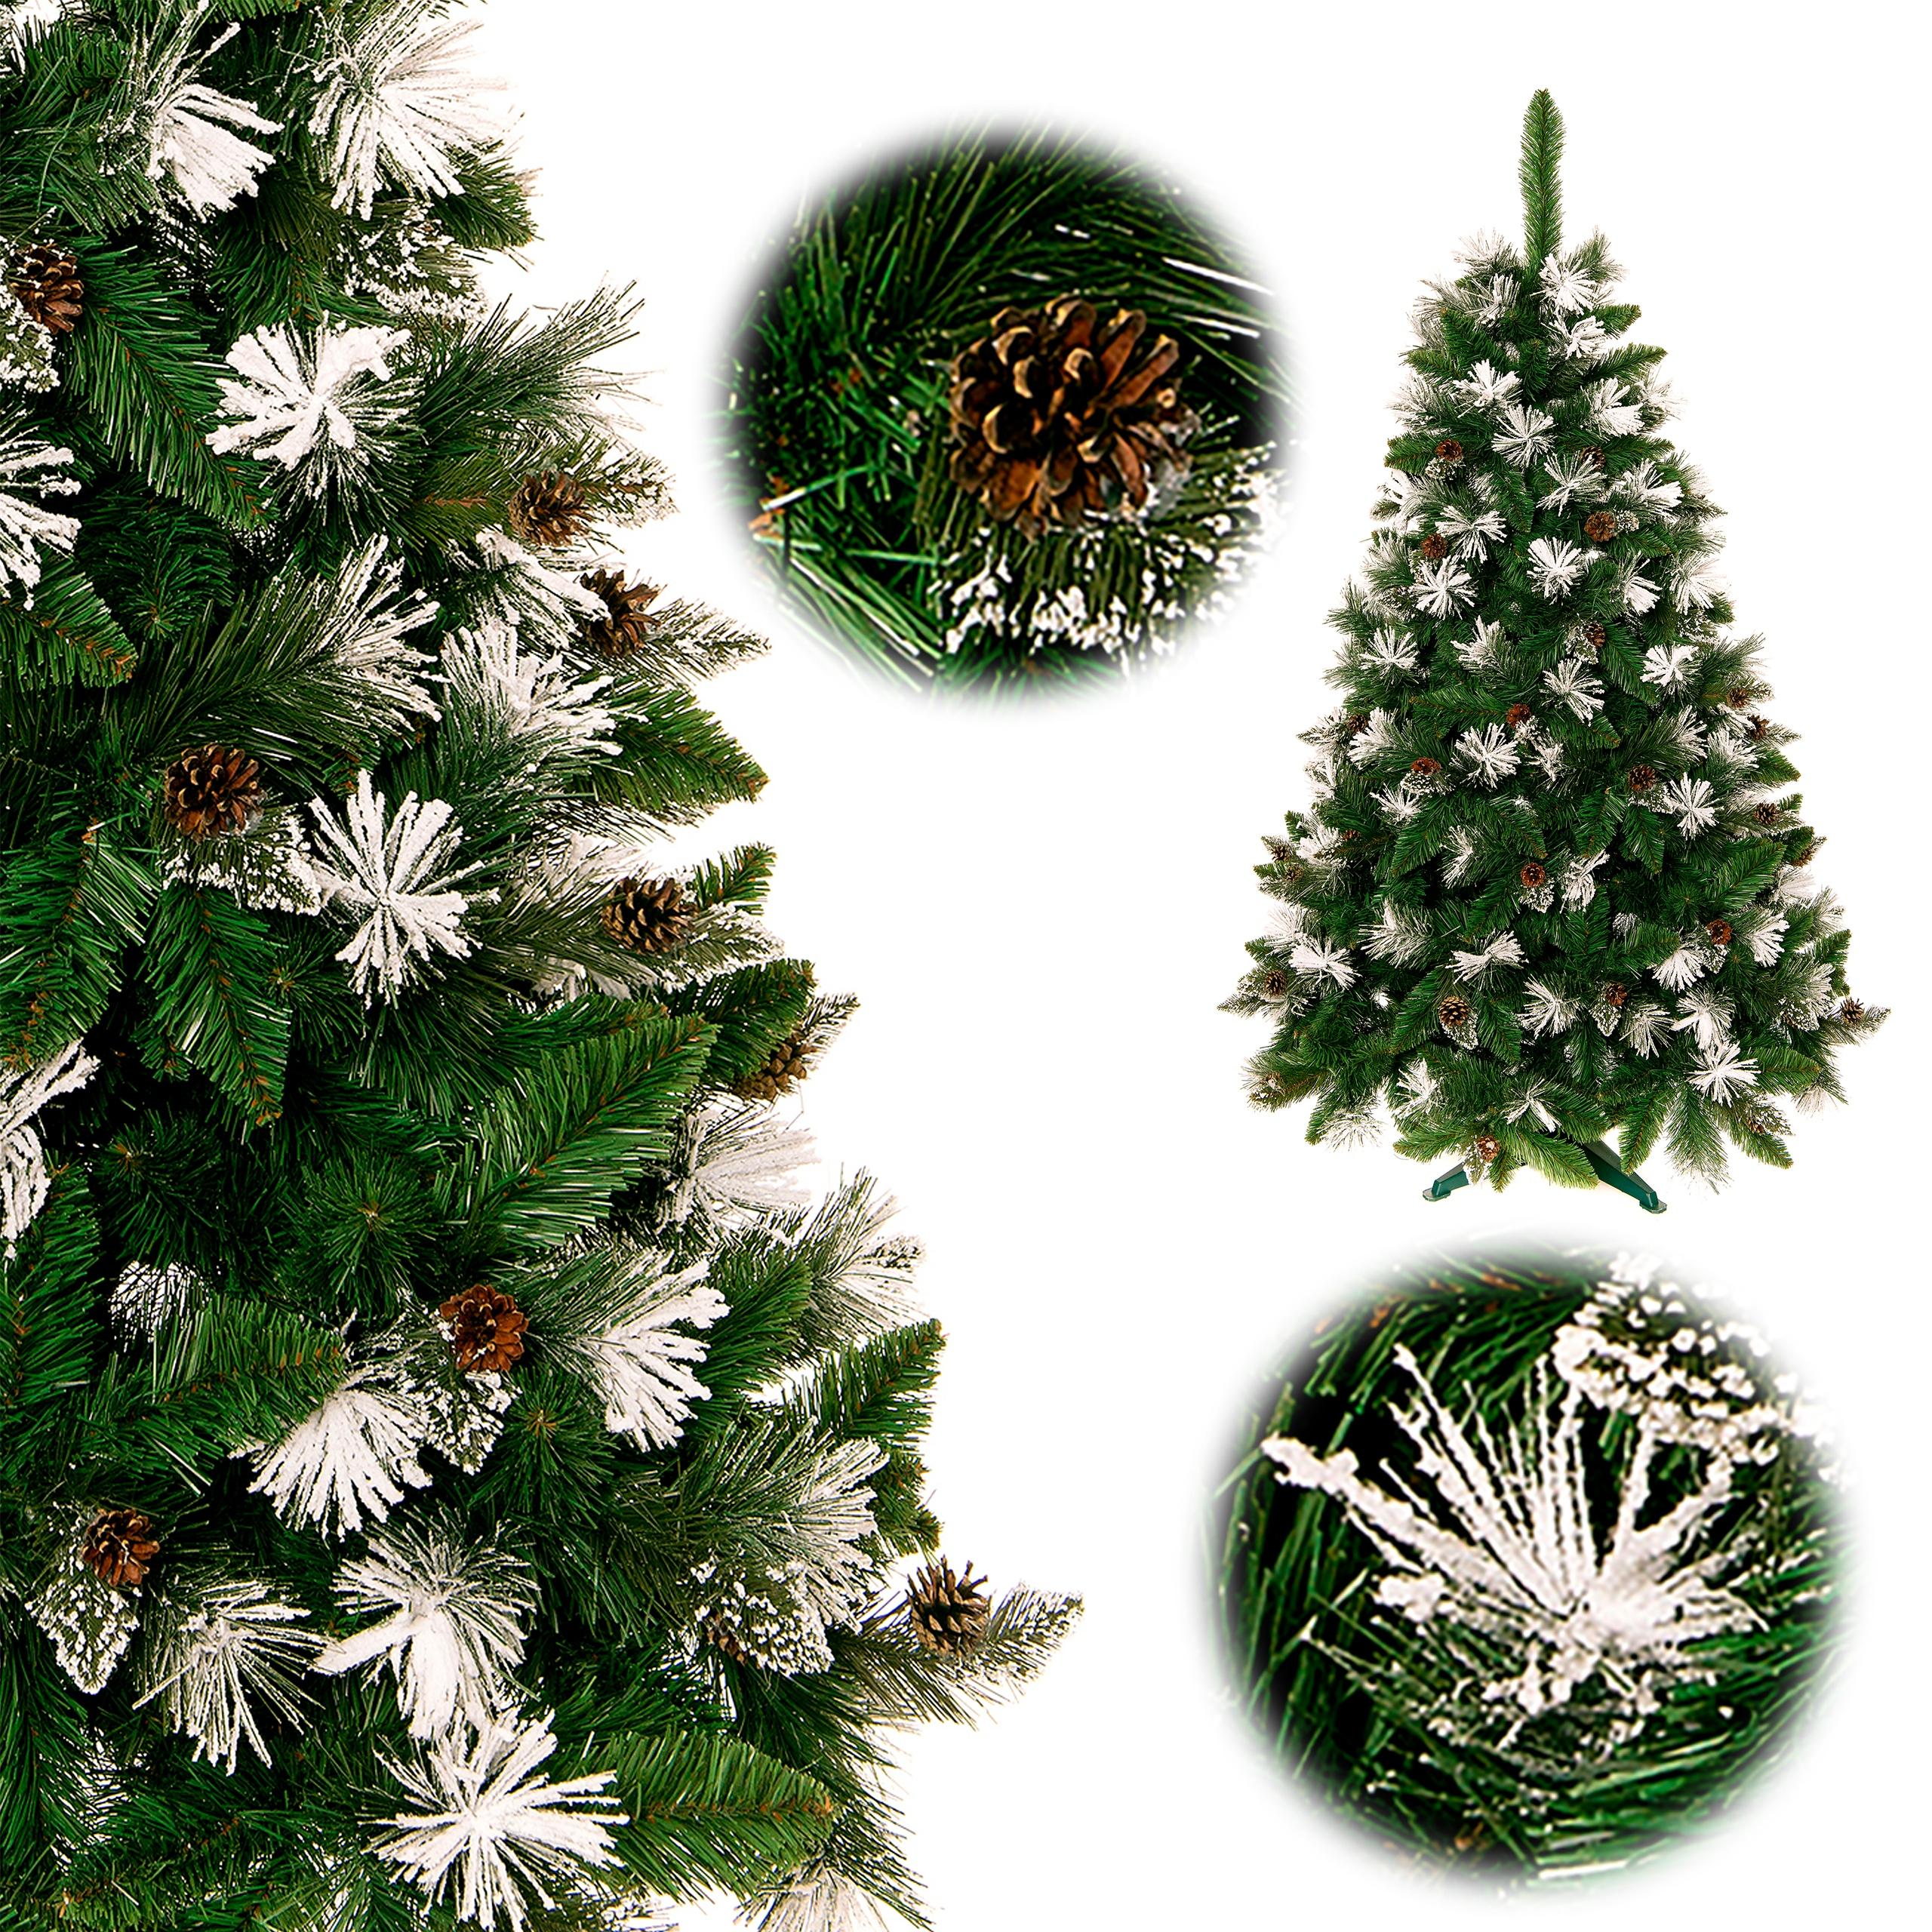 Umelý vianočný stromček so zasneženými koncami 180 cm + Stojan